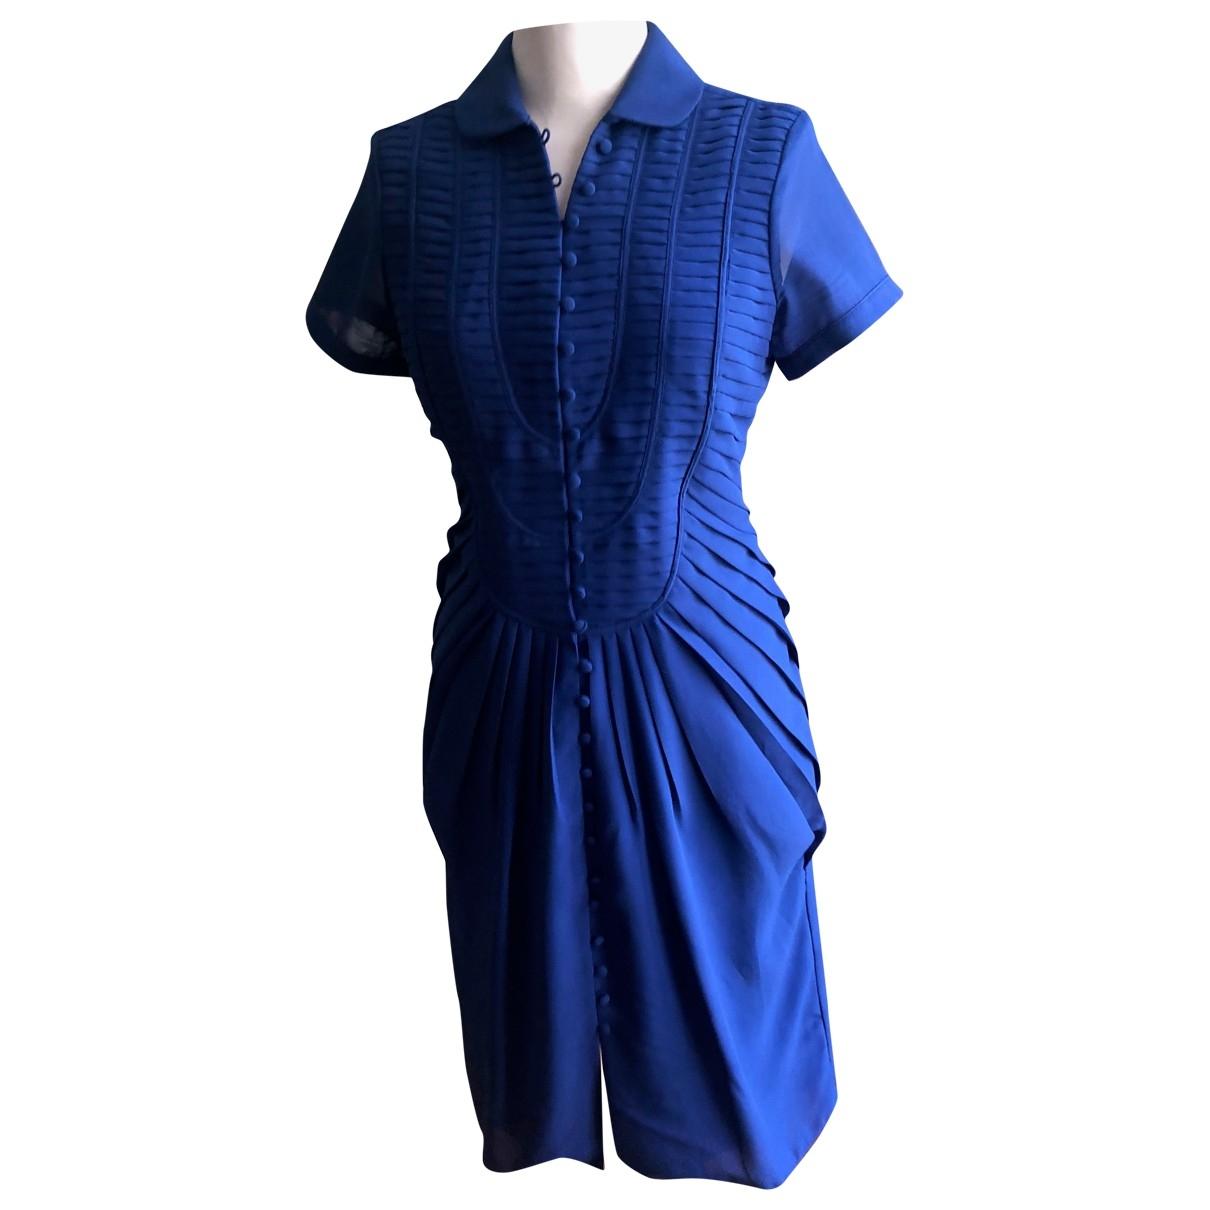 Les Petites \N Kleid in  Blau Polyester